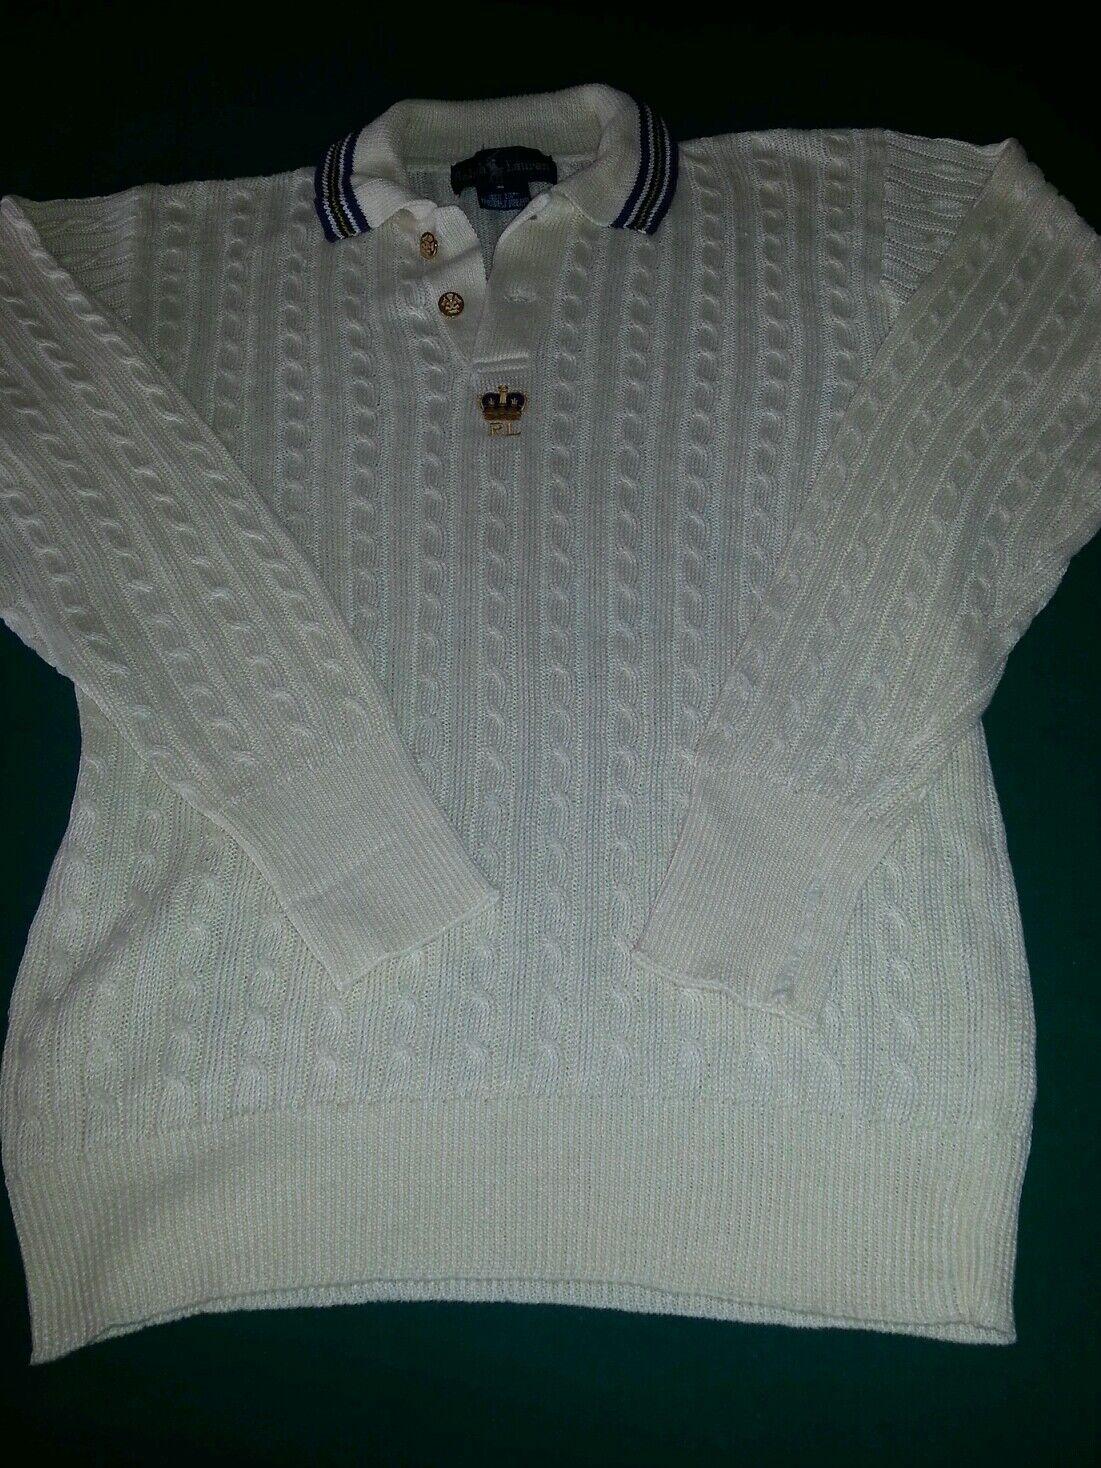 Womans Ralph Lauren sweater 100% linen